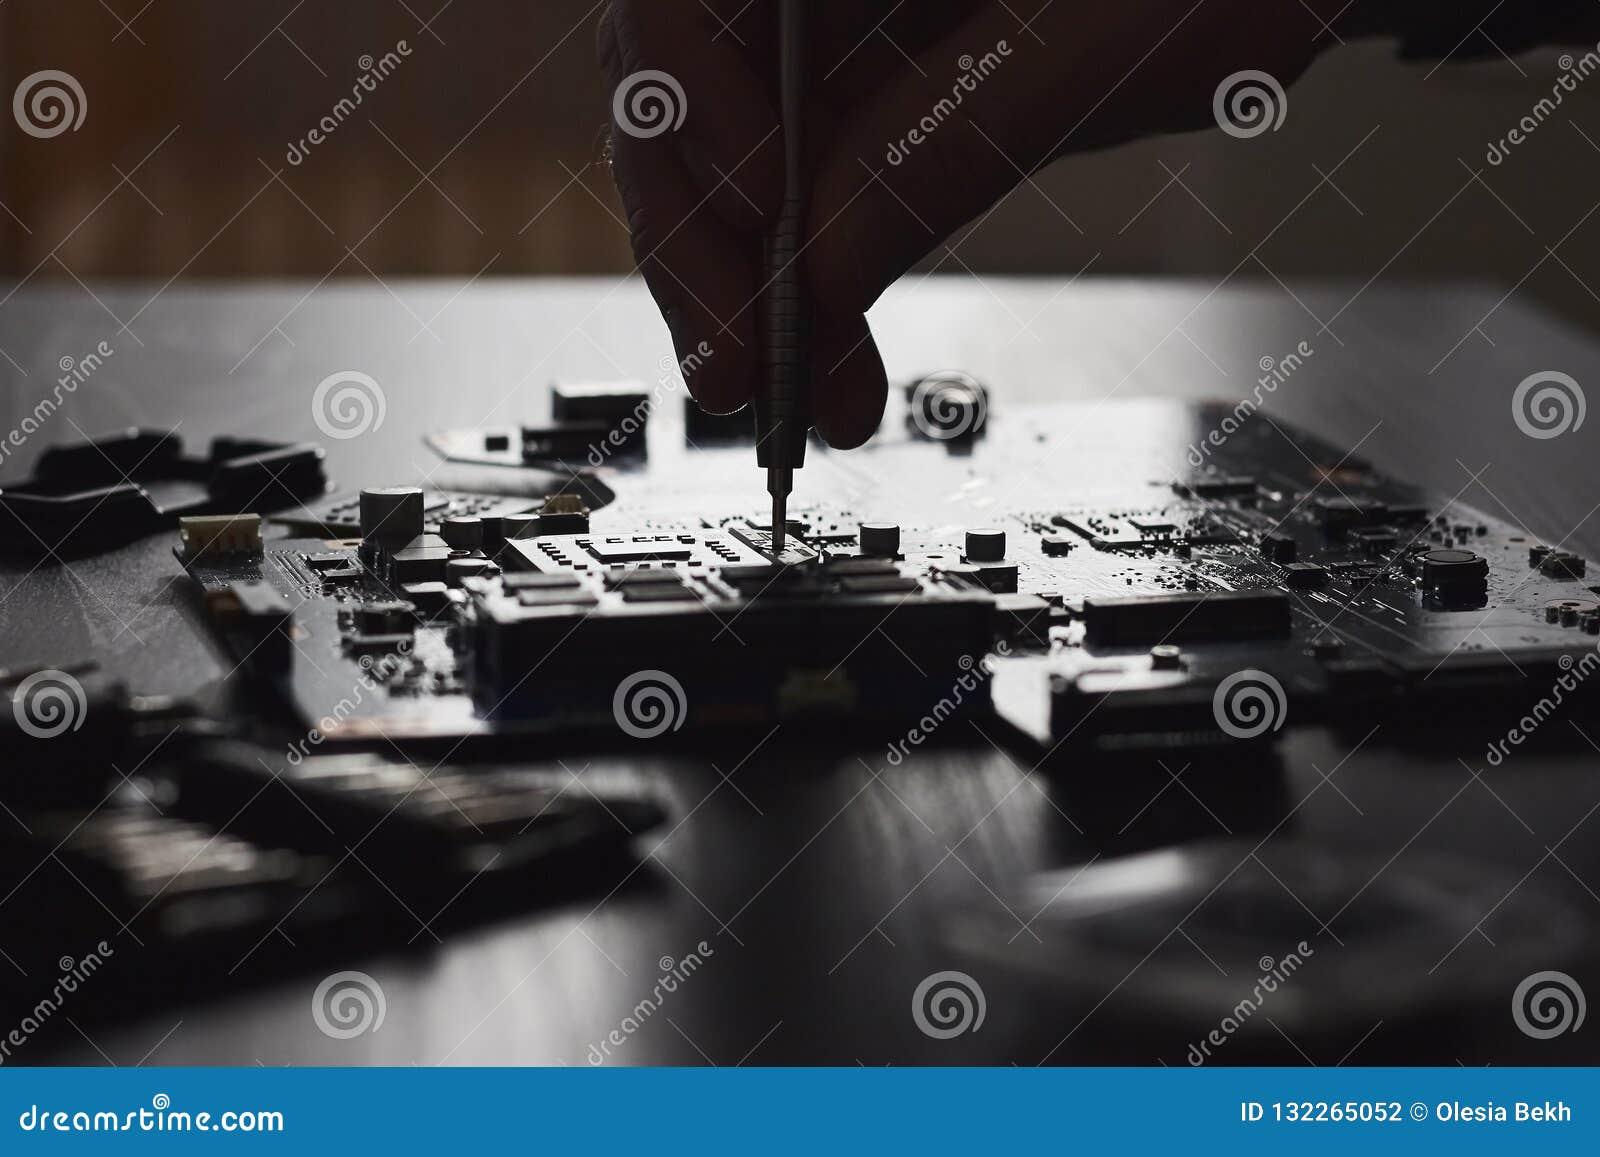 Техник затыкает внутри микропроцессор C.P.U. к материнской плате компьютера